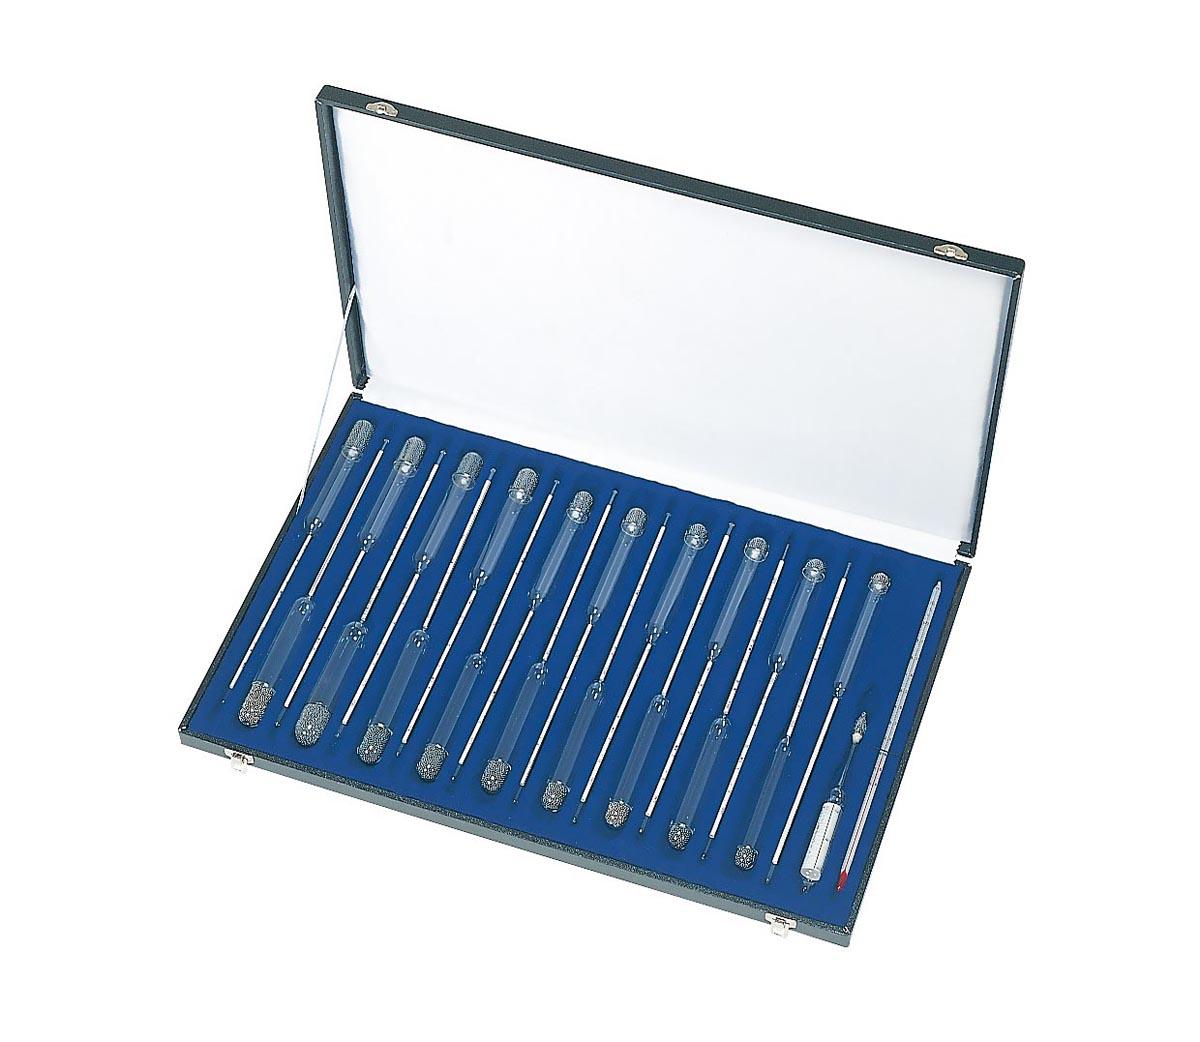 日本計量器工業 標準比重計 小型19本組(1セット・ケース入)